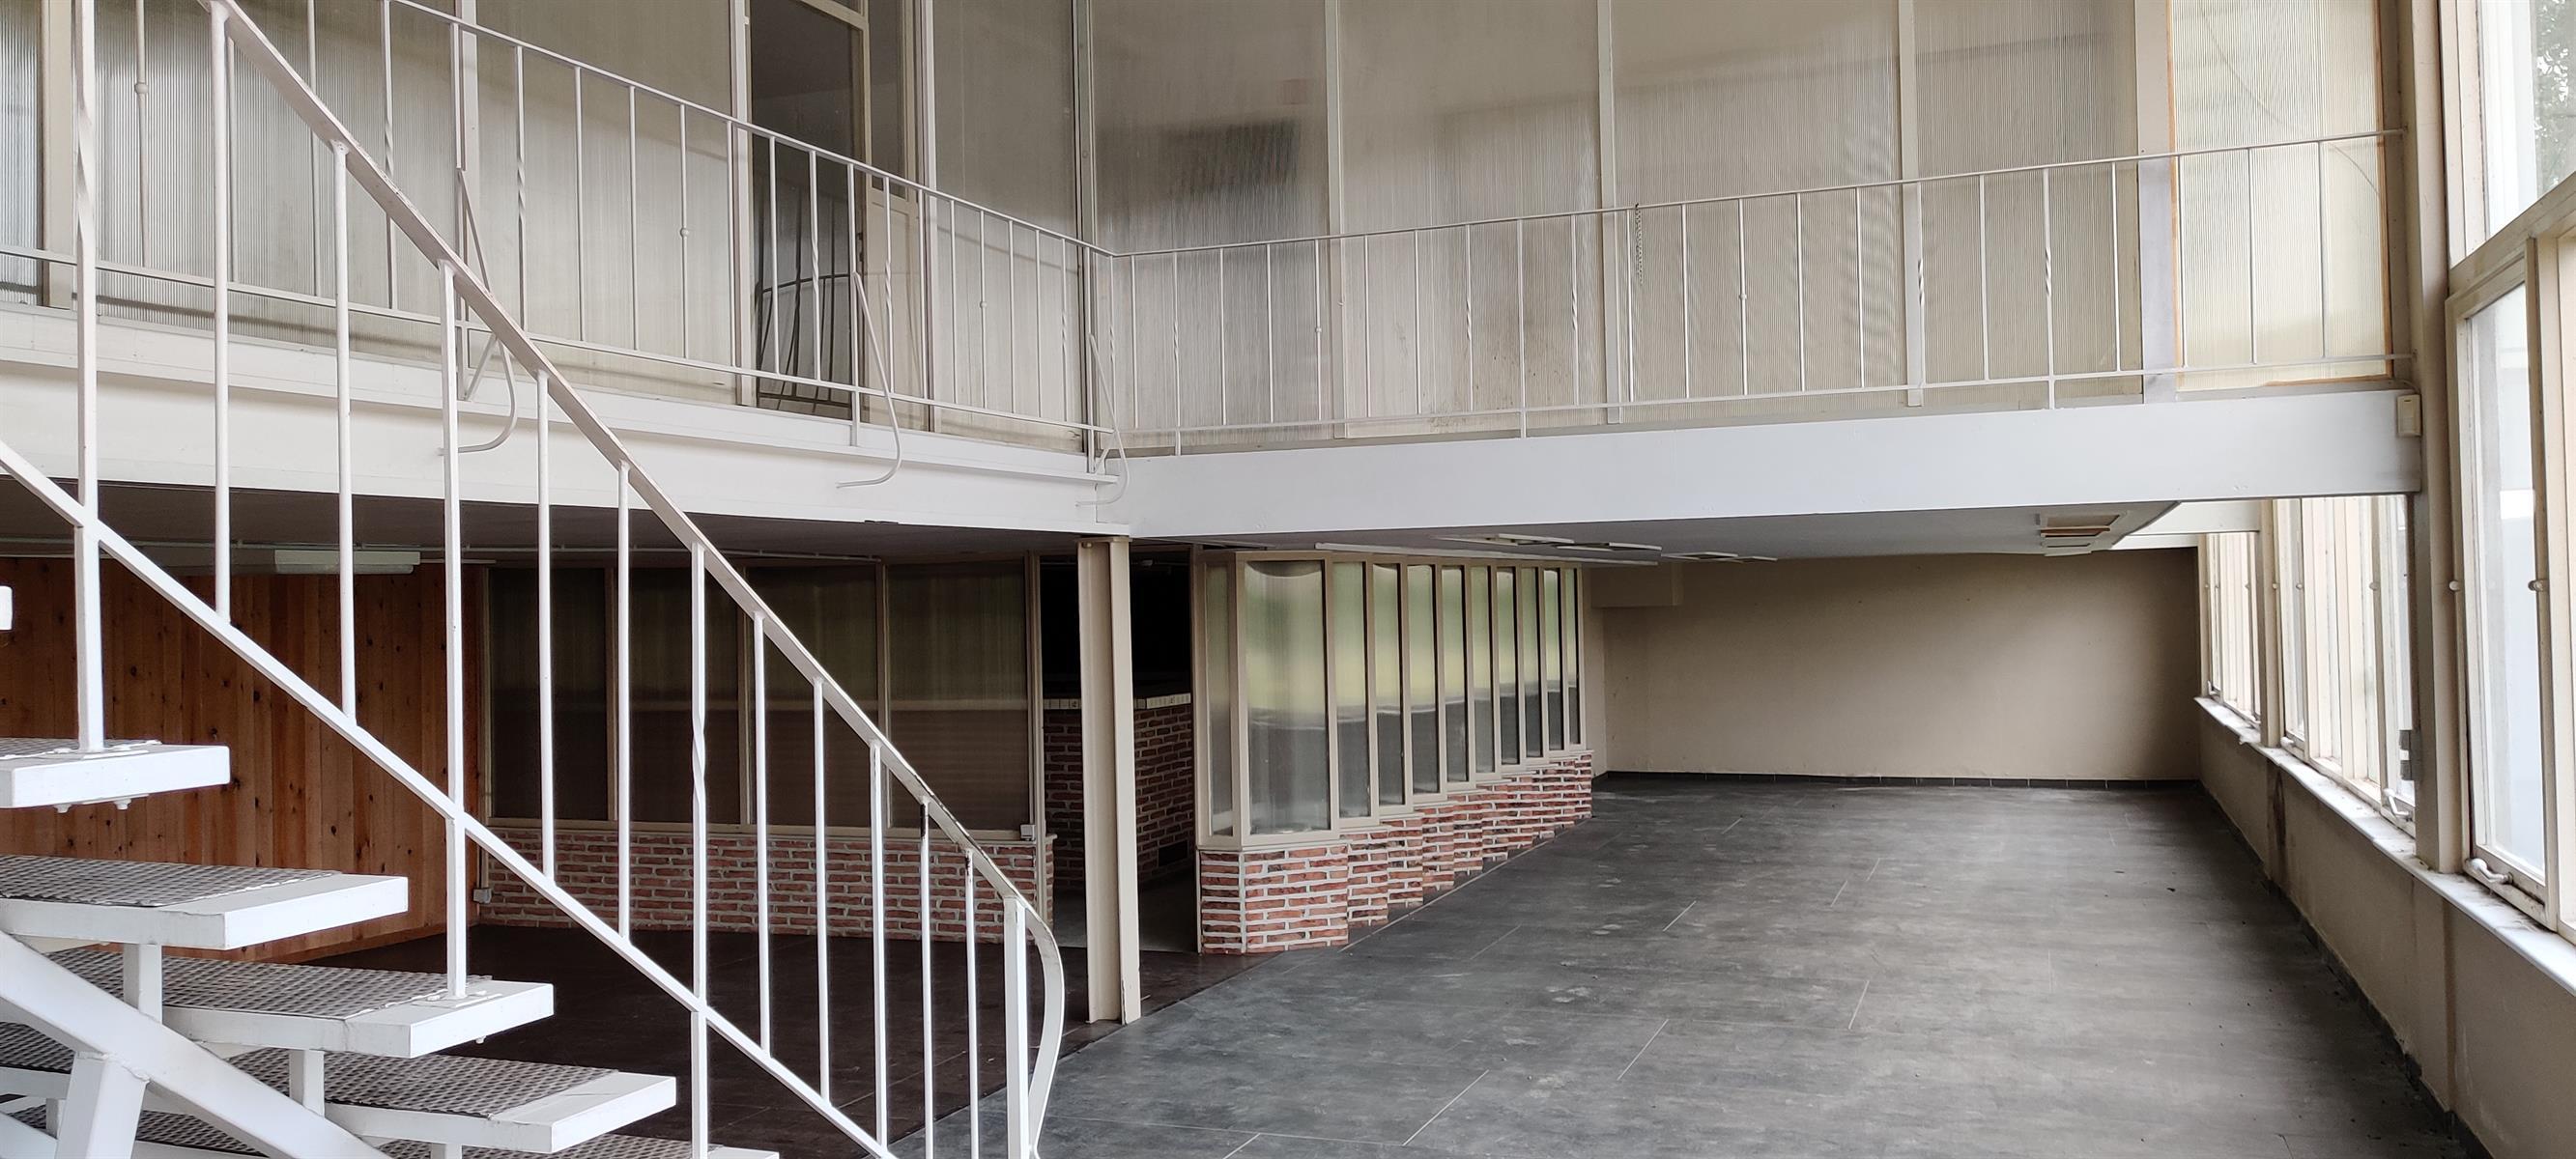 gebouw voor gemengd gebruik te huur I158 - Lumbeekstraat 38, 1700 Dilbeek Sint-Ulriks-Kapelle, België 23